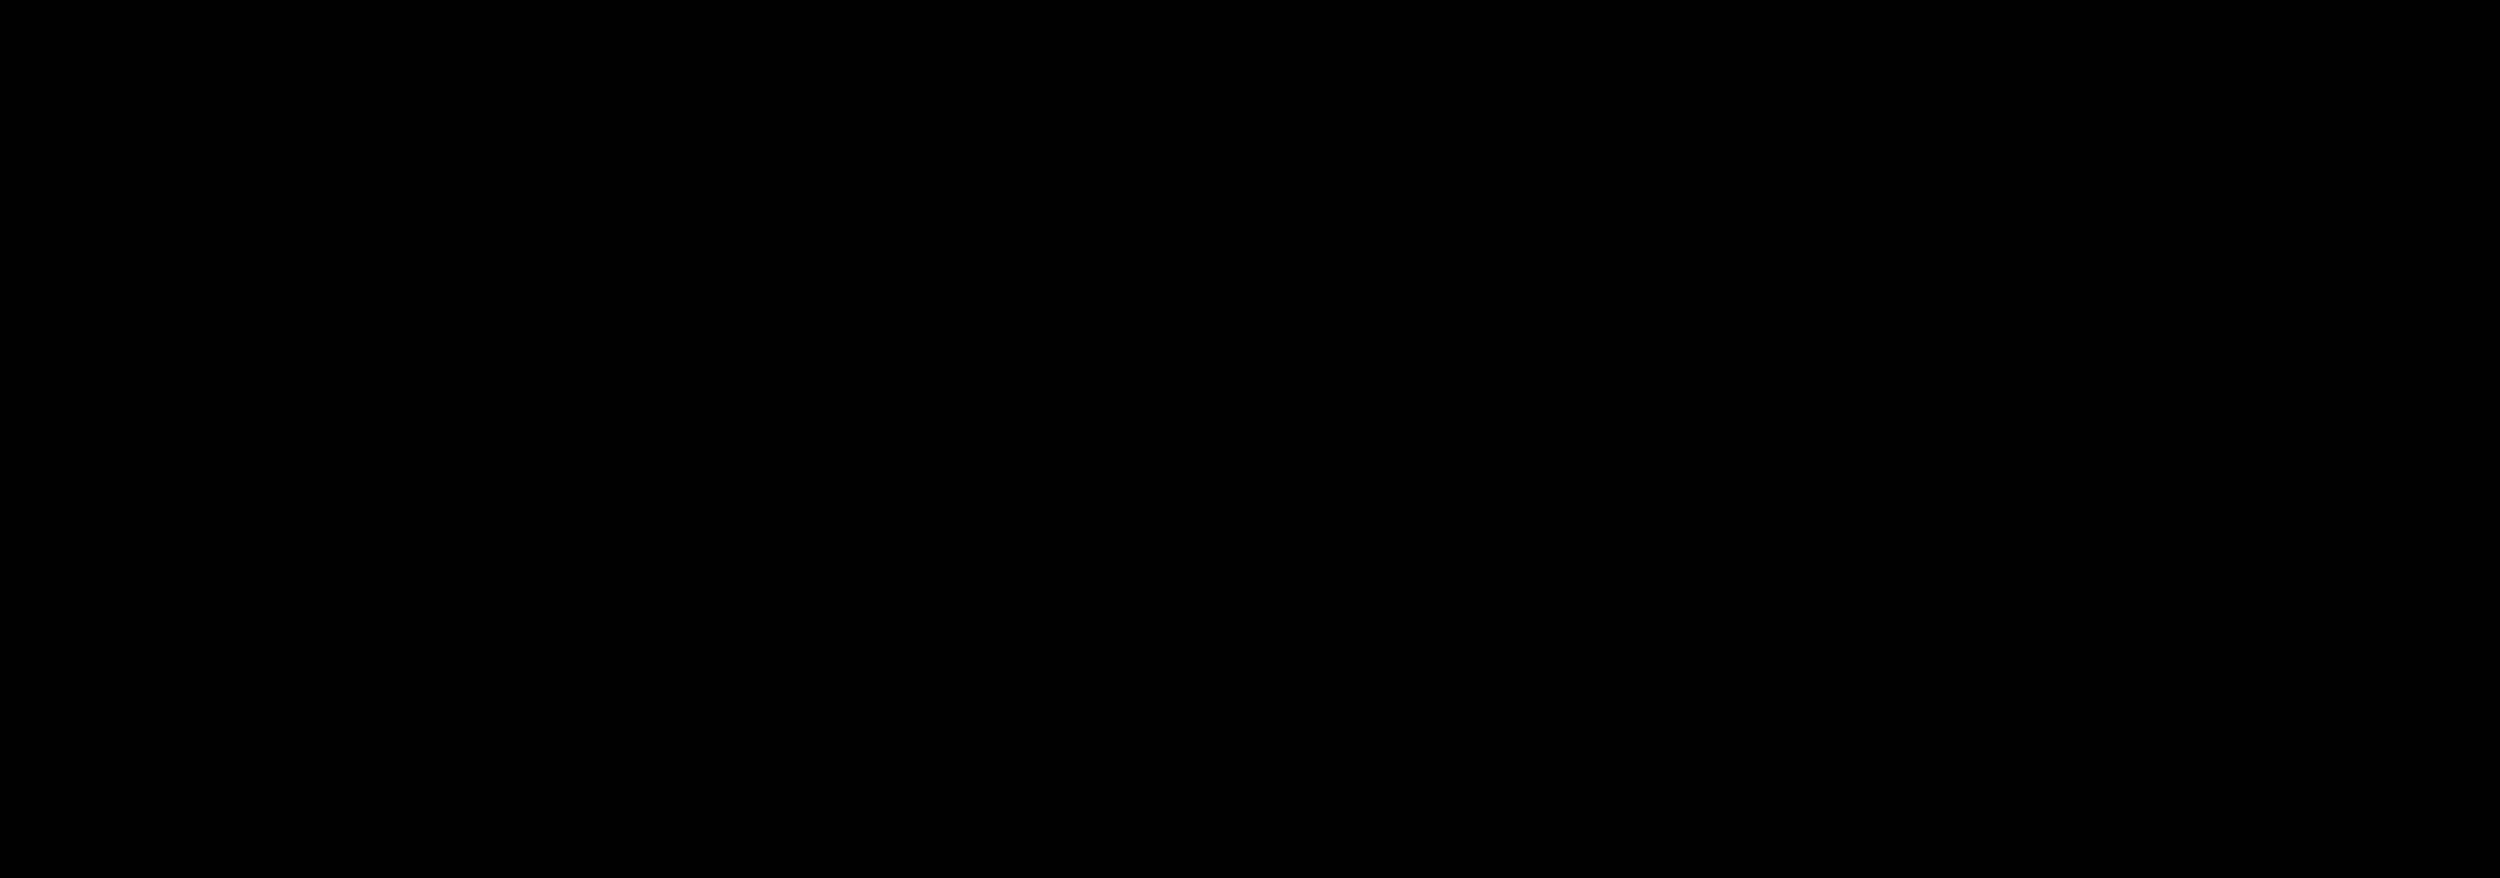 Estate Agency Group-logo-black.png